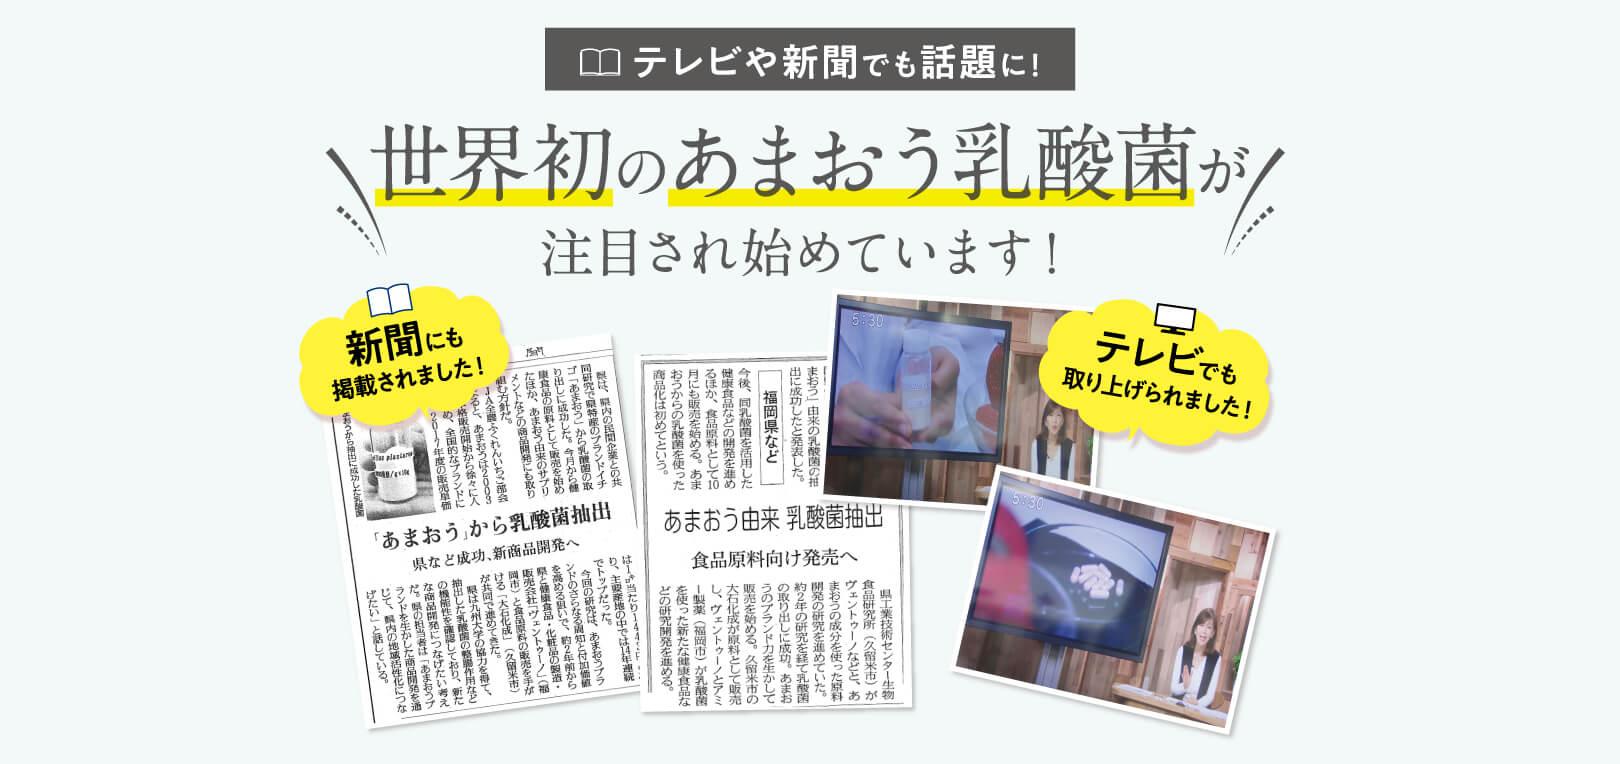 テレビや新聞でも話題に!世界初のあまおう乳酸菌が注目され始めています!